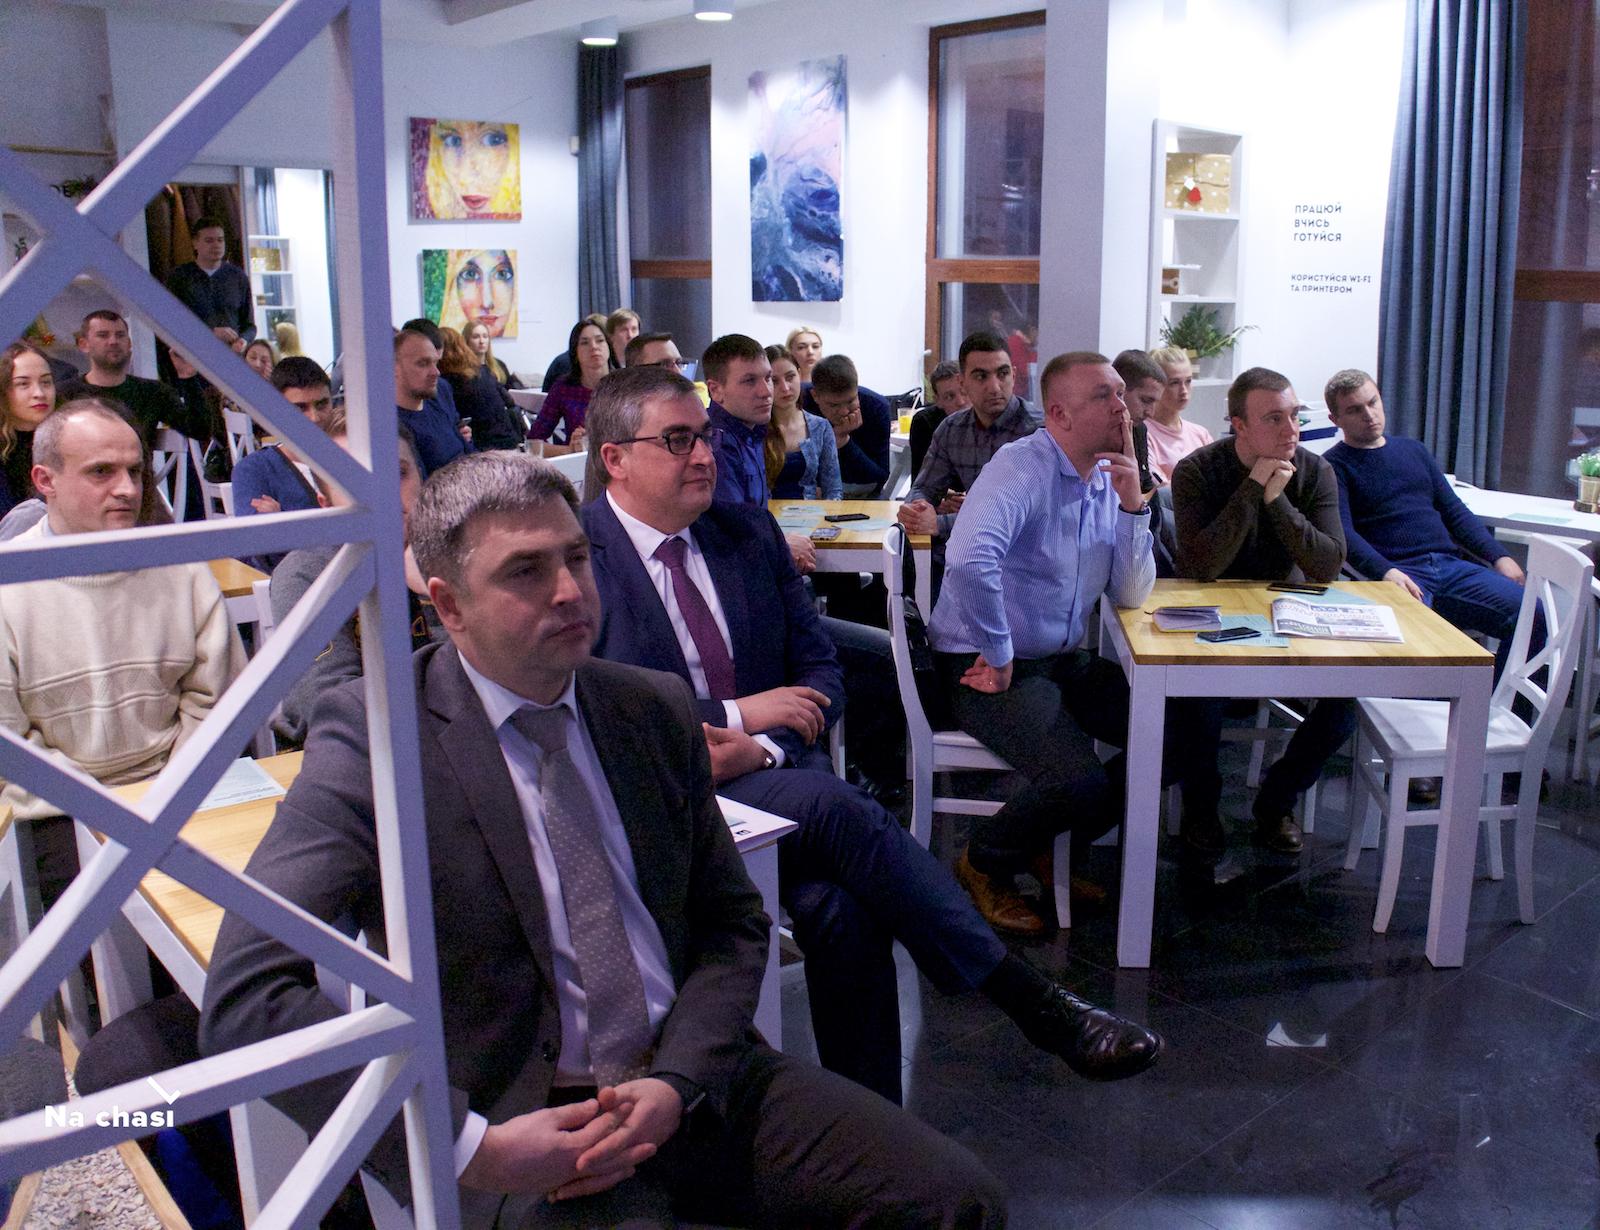 Аудиторія зібралася досить різна — від студентів-розробників до представників бізнесу